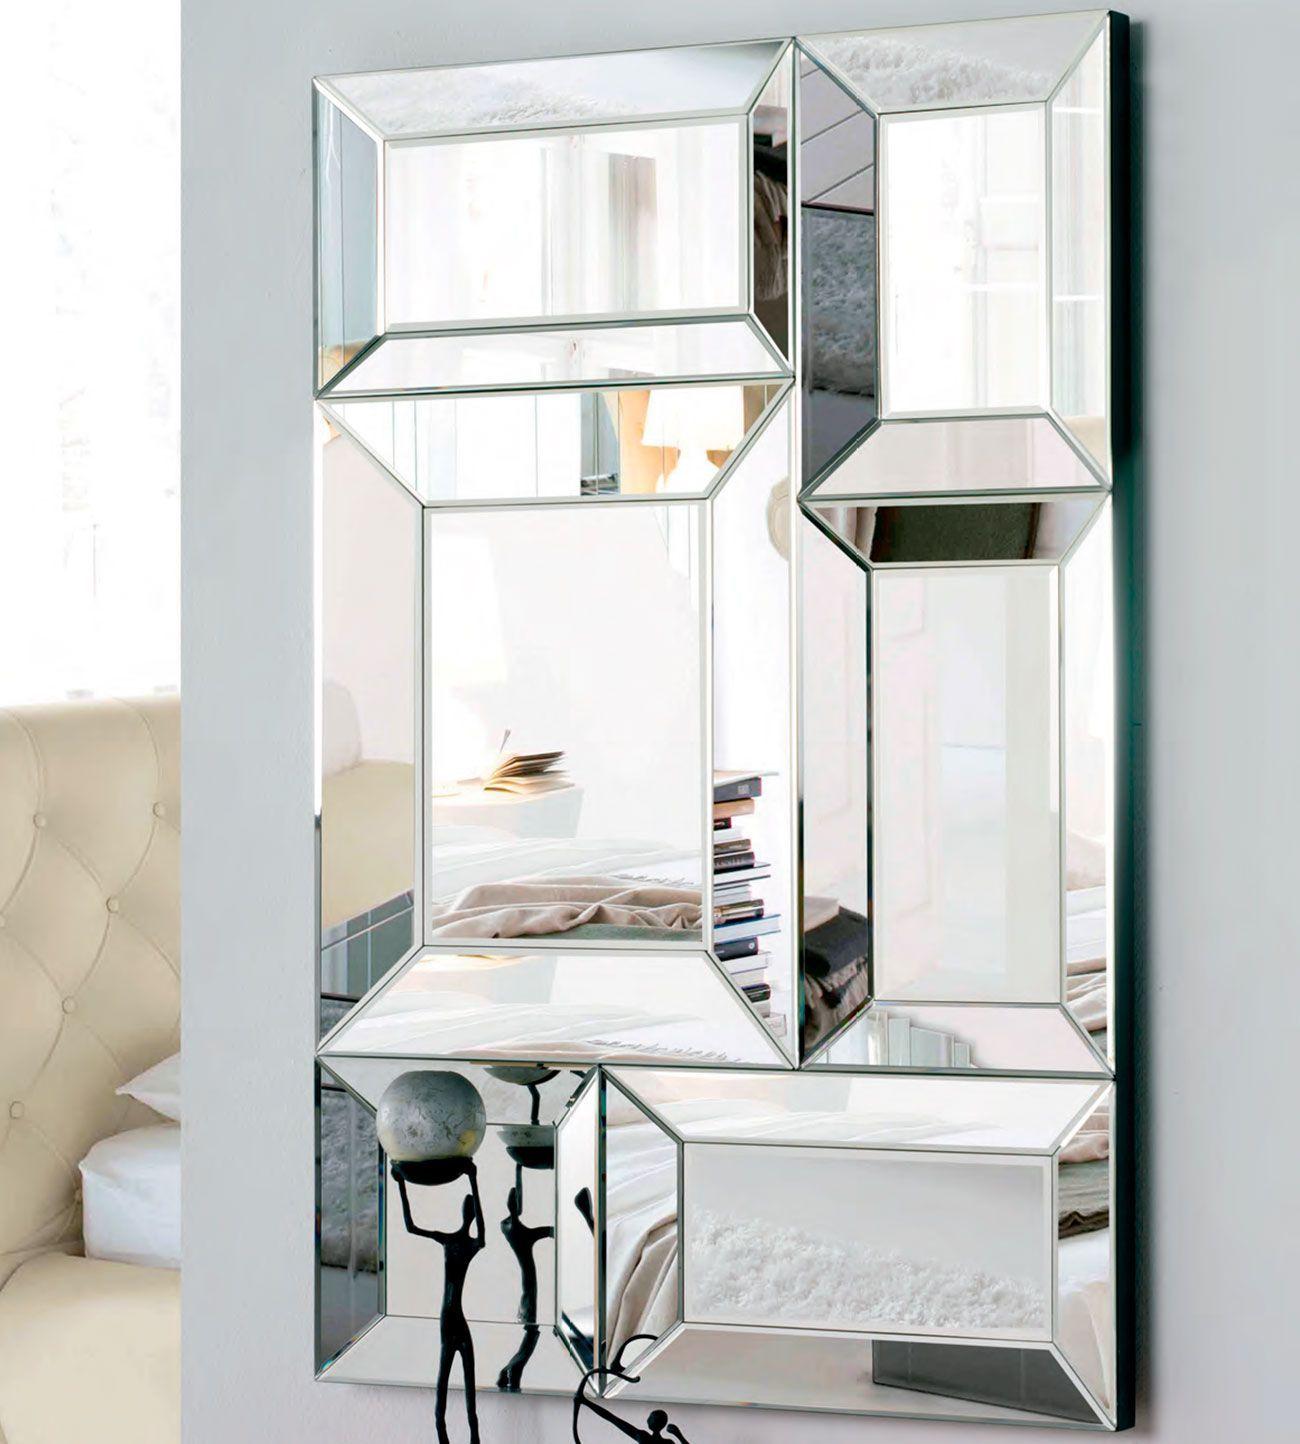 Espelho Reflejos, Espelhos Decorativos